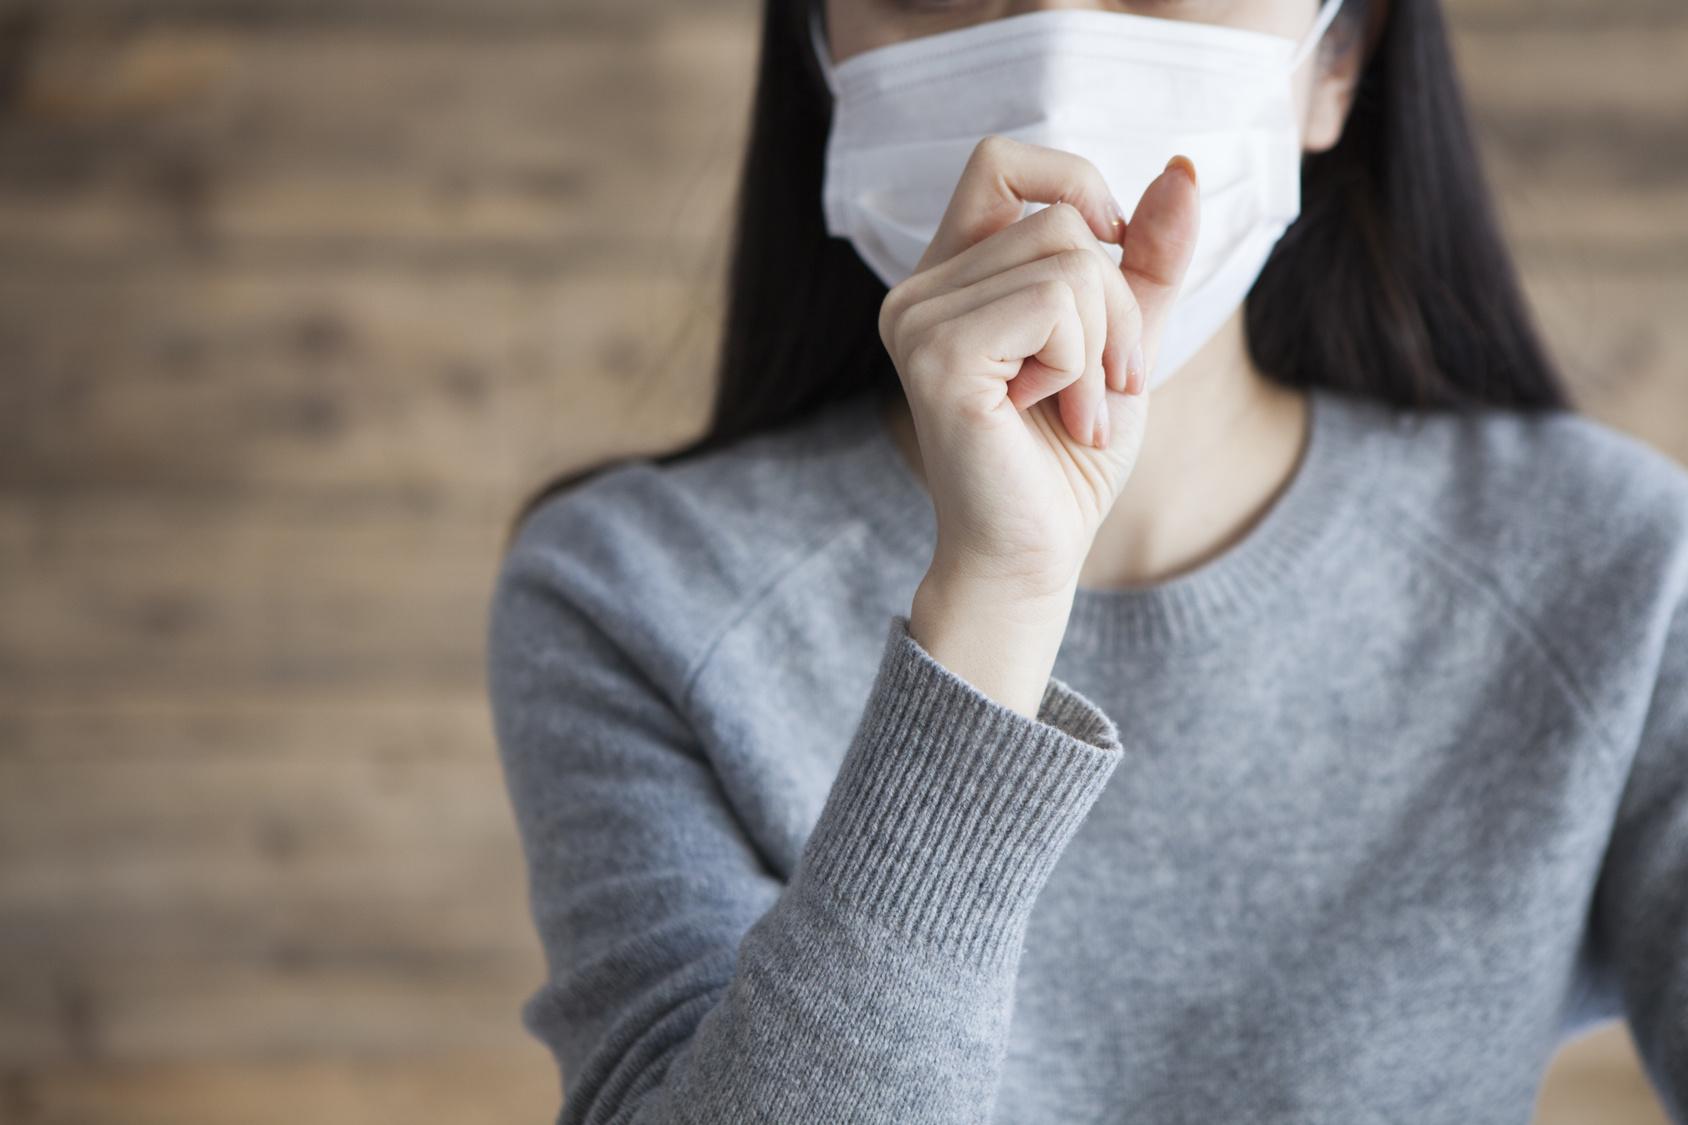 空気感染する数少ない病気、結核